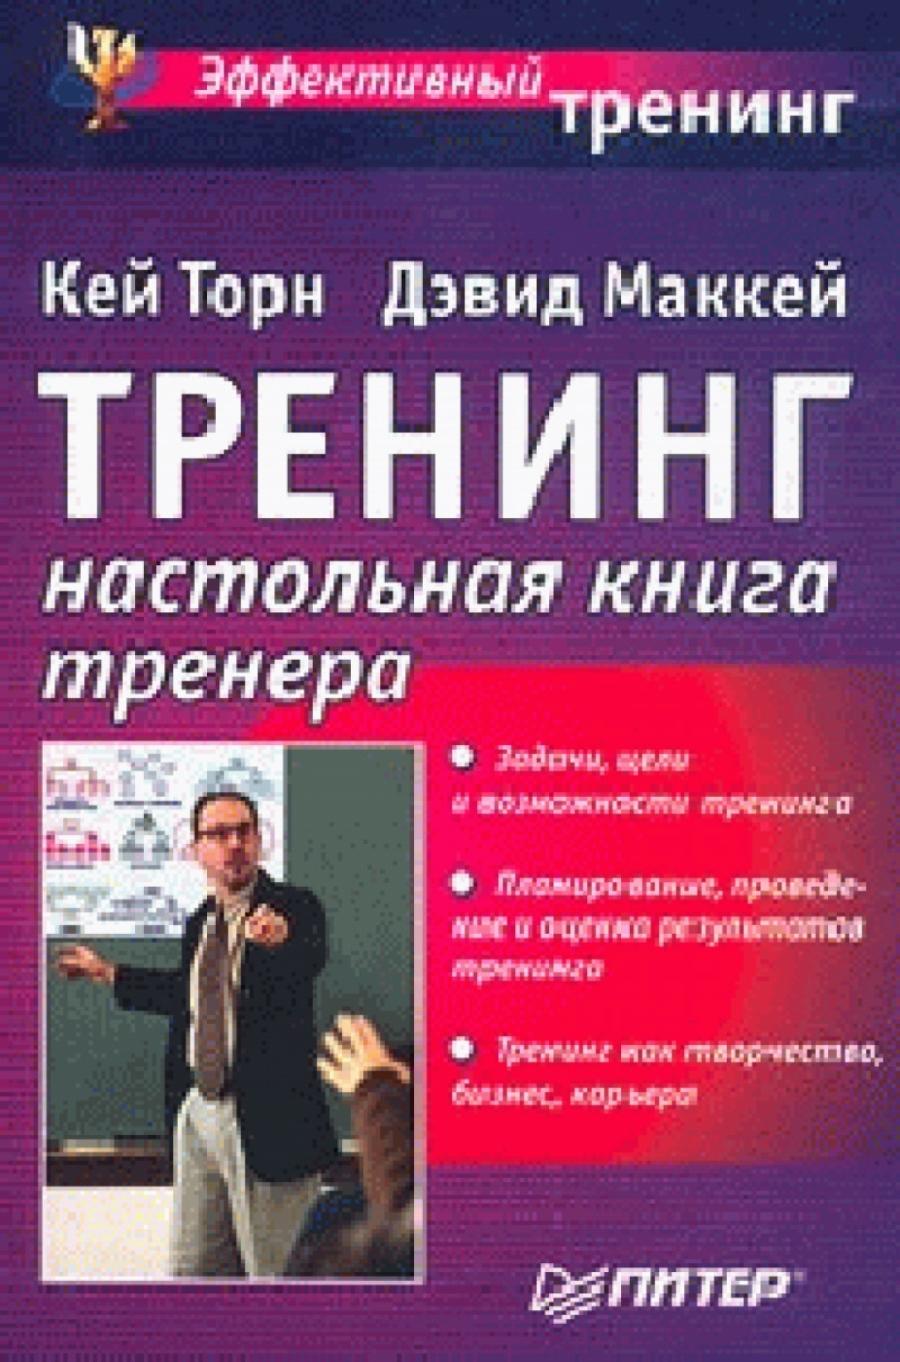 Обложка книги:  кей торн, дэвид маккей - треннинг. настольная книга тренера.